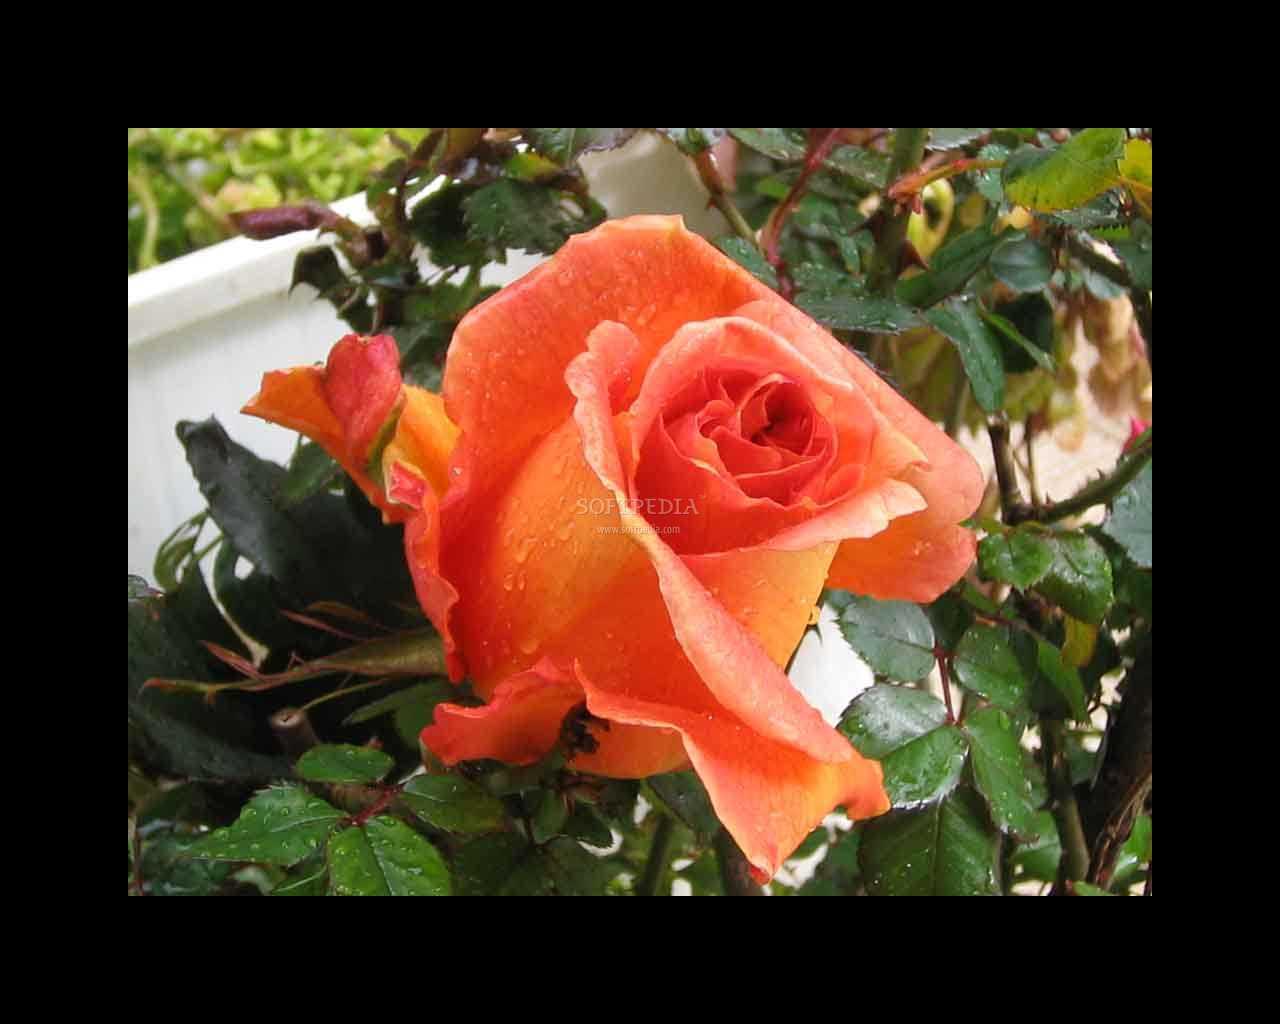 Download rose screensaver2 1 0 - Rose screensaver ...